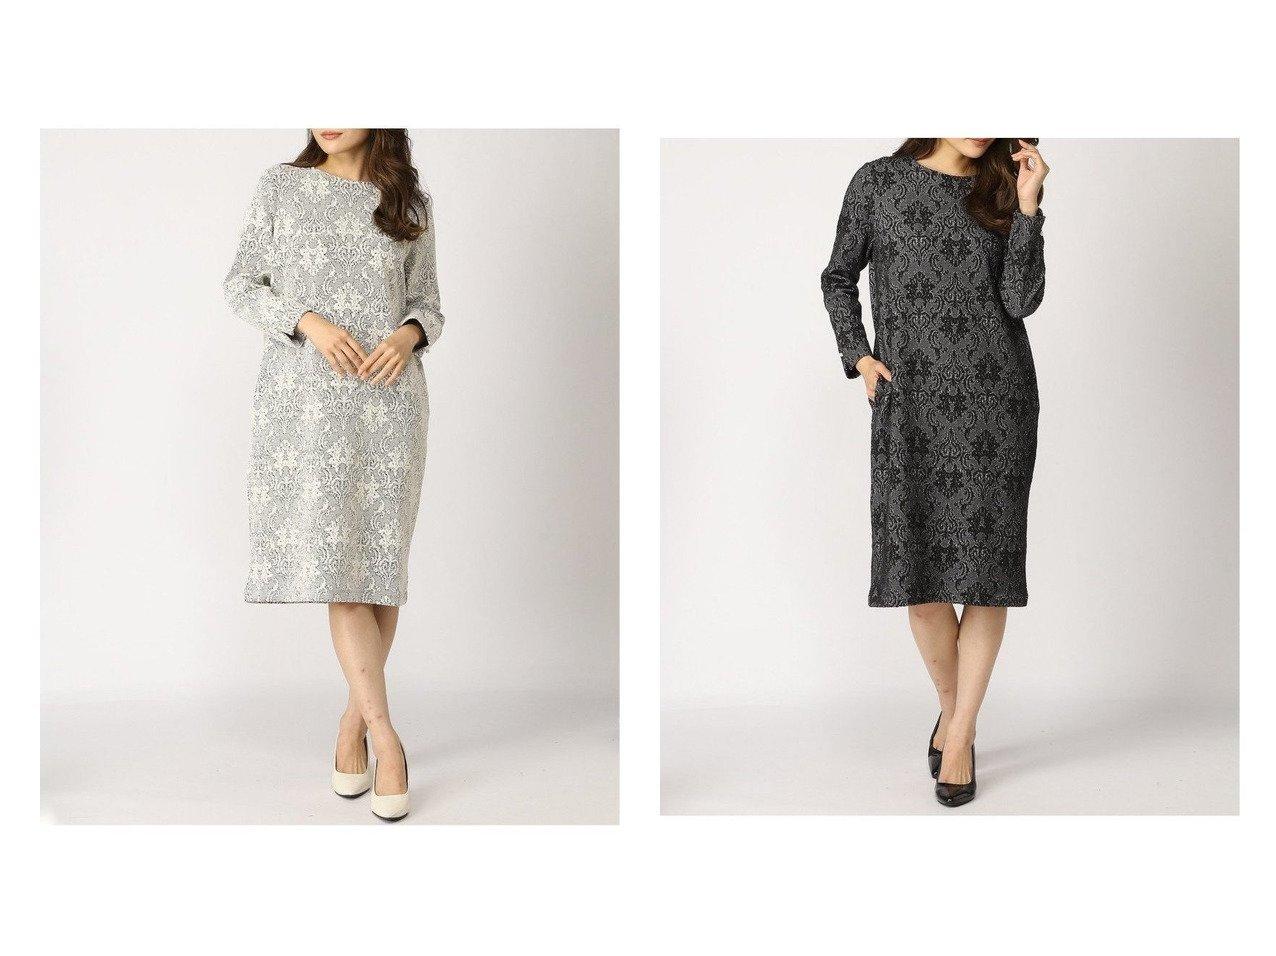 【A/C DESIGN BY ALPHACUBIC/エーシーデザインバイアルファキュービック】の幾何柄ワンピース ワンピース・ドレスのおすすめ!人気、トレンド・レディースファッションの通販 おすすめで人気の流行・トレンド、ファッションの通販商品 メンズファッション・キッズファッション・インテリア・家具・レディースファッション・服の通販 founy(ファニー) https://founy.com/ ファッション Fashion レディースファッション WOMEN ワンピース Dress ウォッシャブル クラシック ジャカード 長袖  ID:crp329100000014770